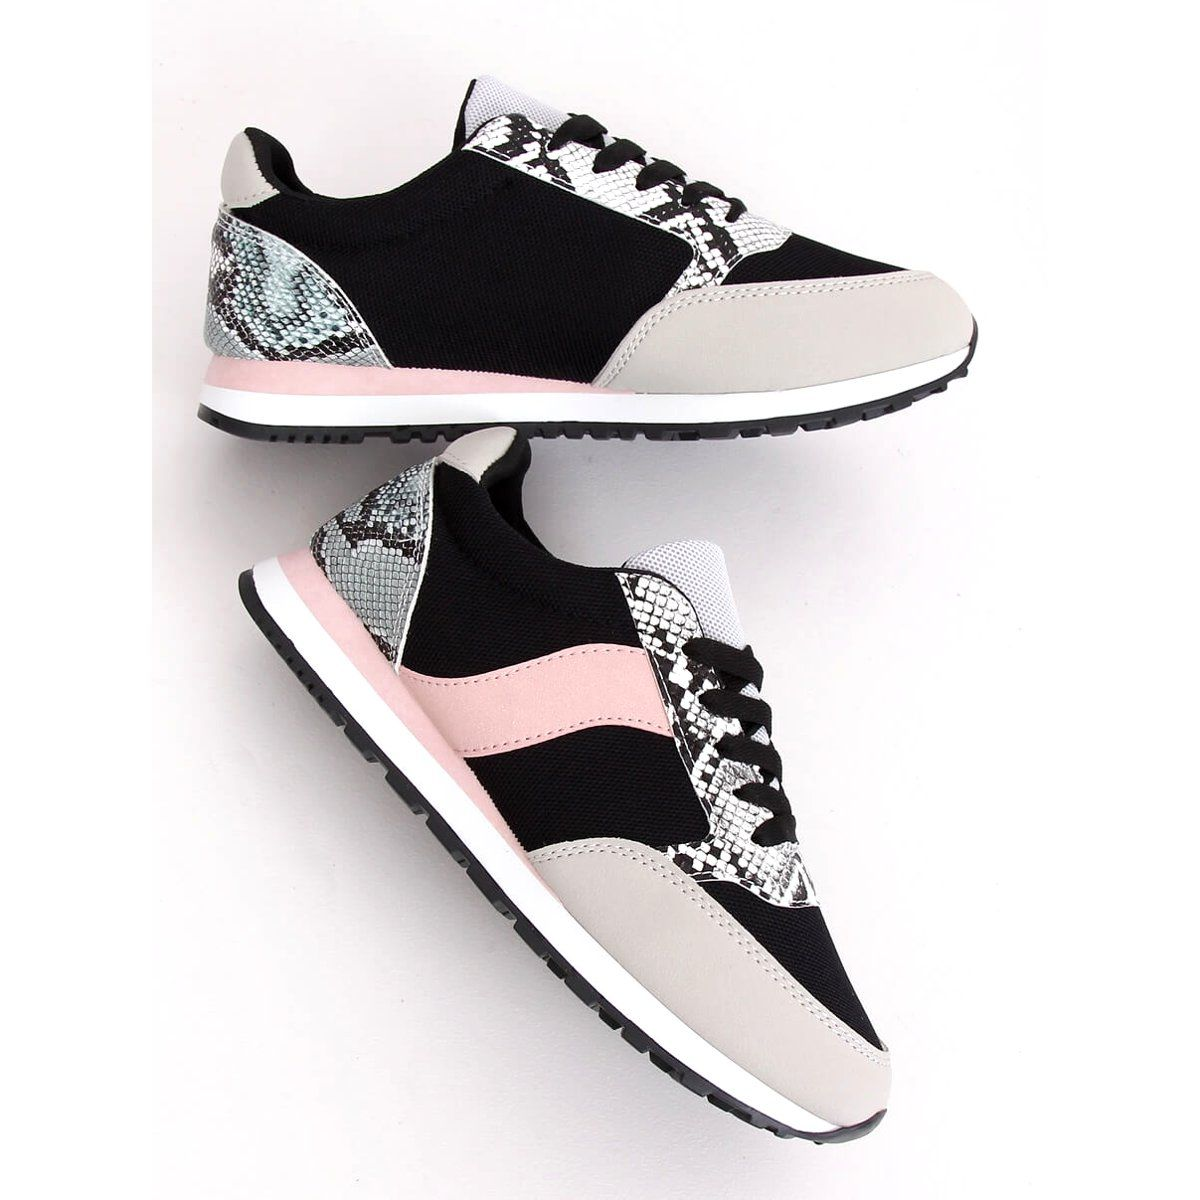 Buty Sportowe Damskie Bl203 Black In 2020 Vans Old Skool Sneaker Vans Sneaker Sneakers